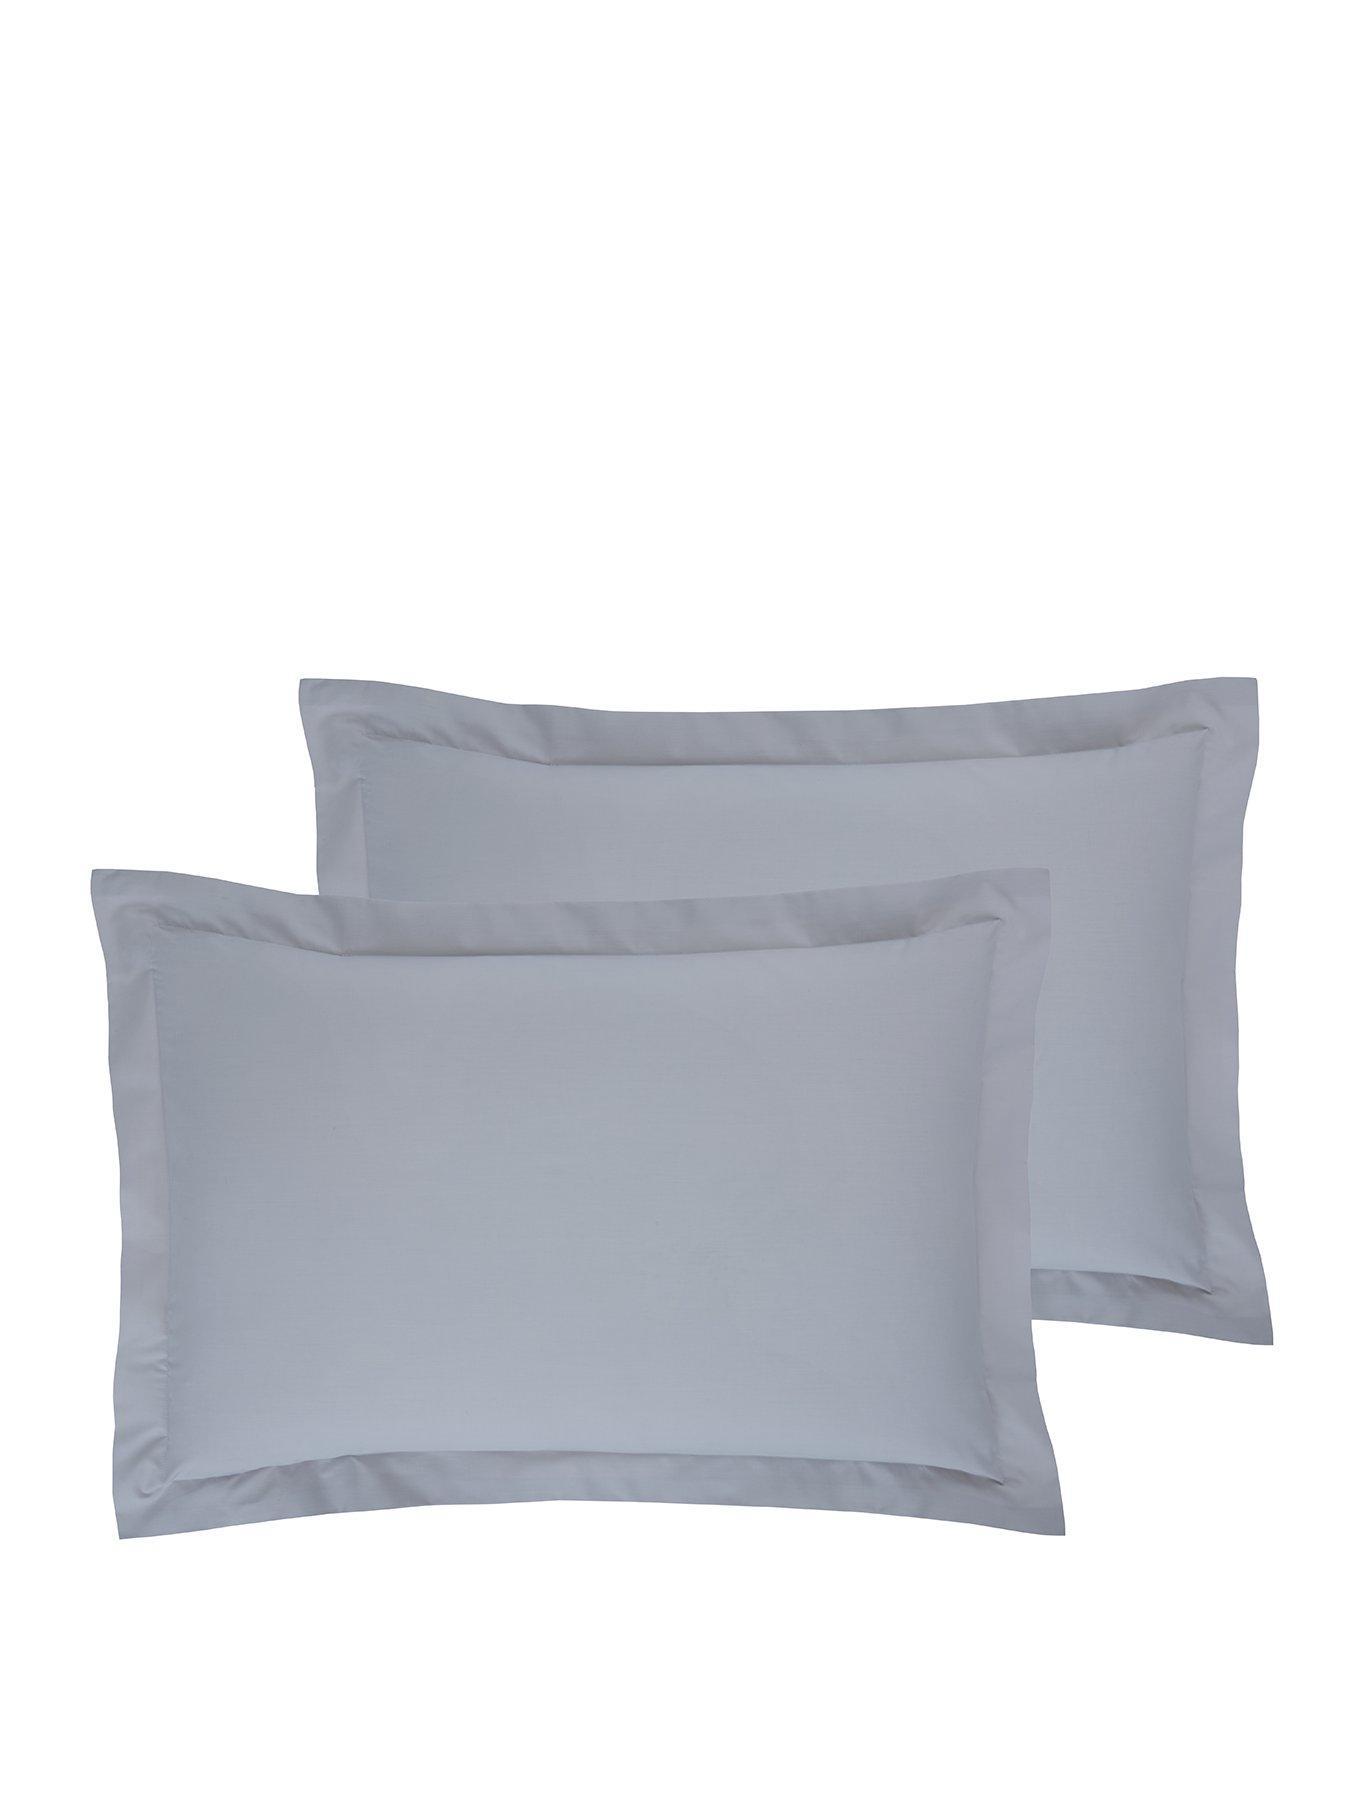 Dragonball Z 2-Pack Pillow Case Set Brand NEW^*^*^^*^*^*^^*^*